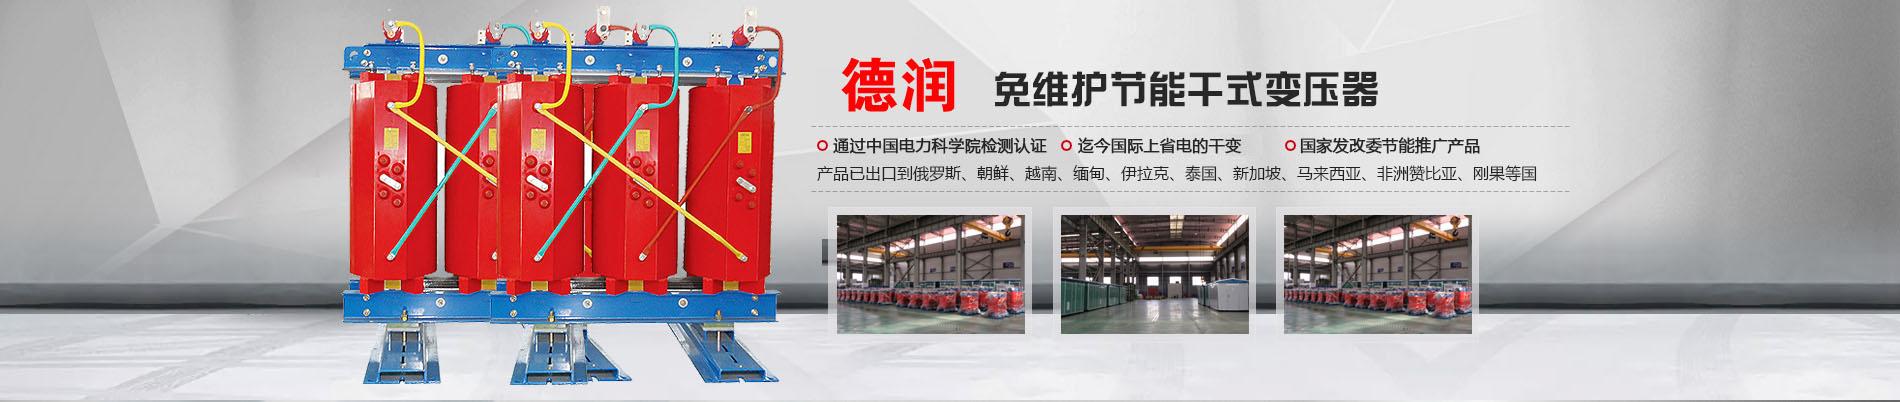 安阳干式变压器厂家